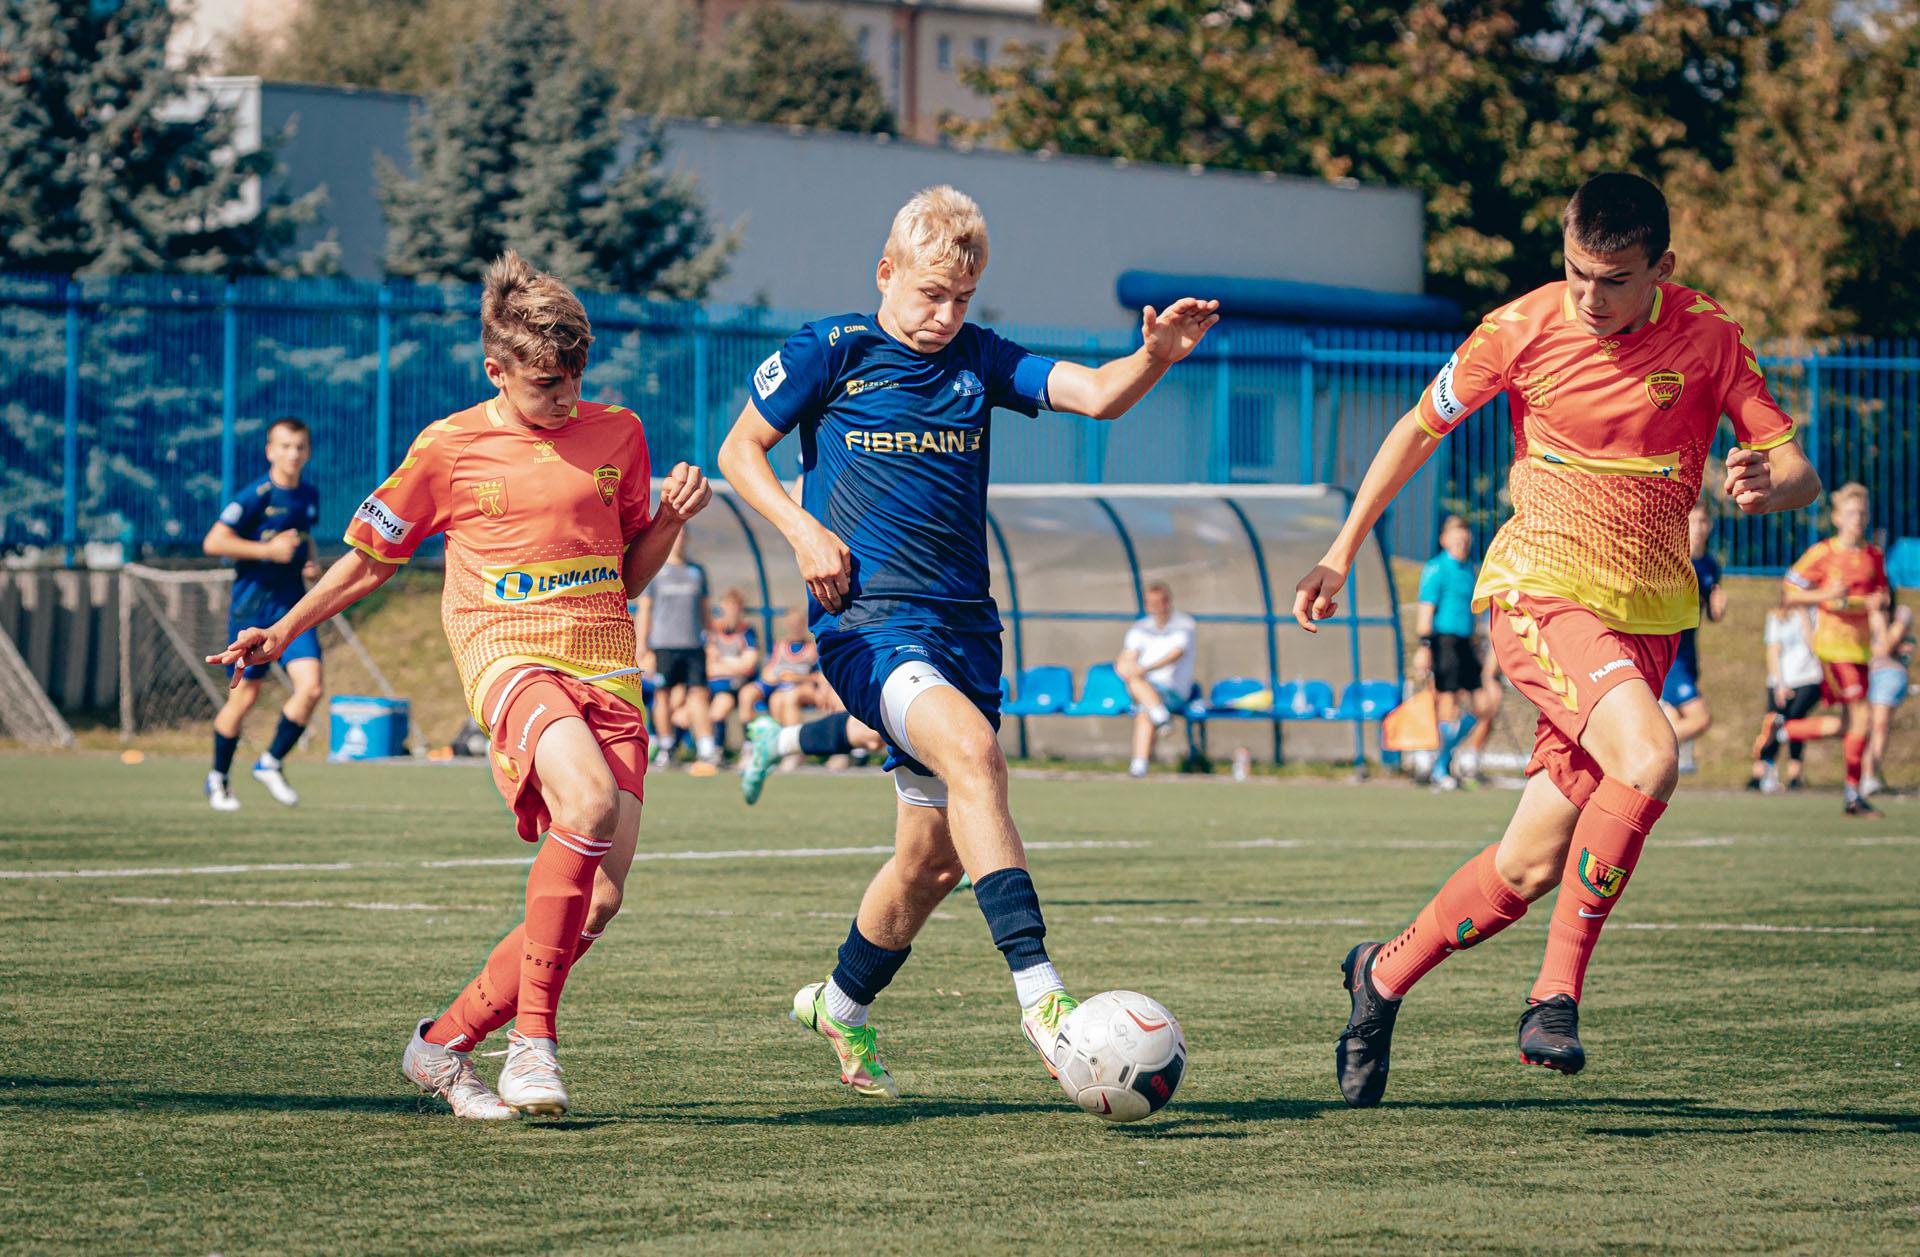 U15 - Stal Rzeszów - Korona Kielce 2021-09-11, fot. K.Krupa